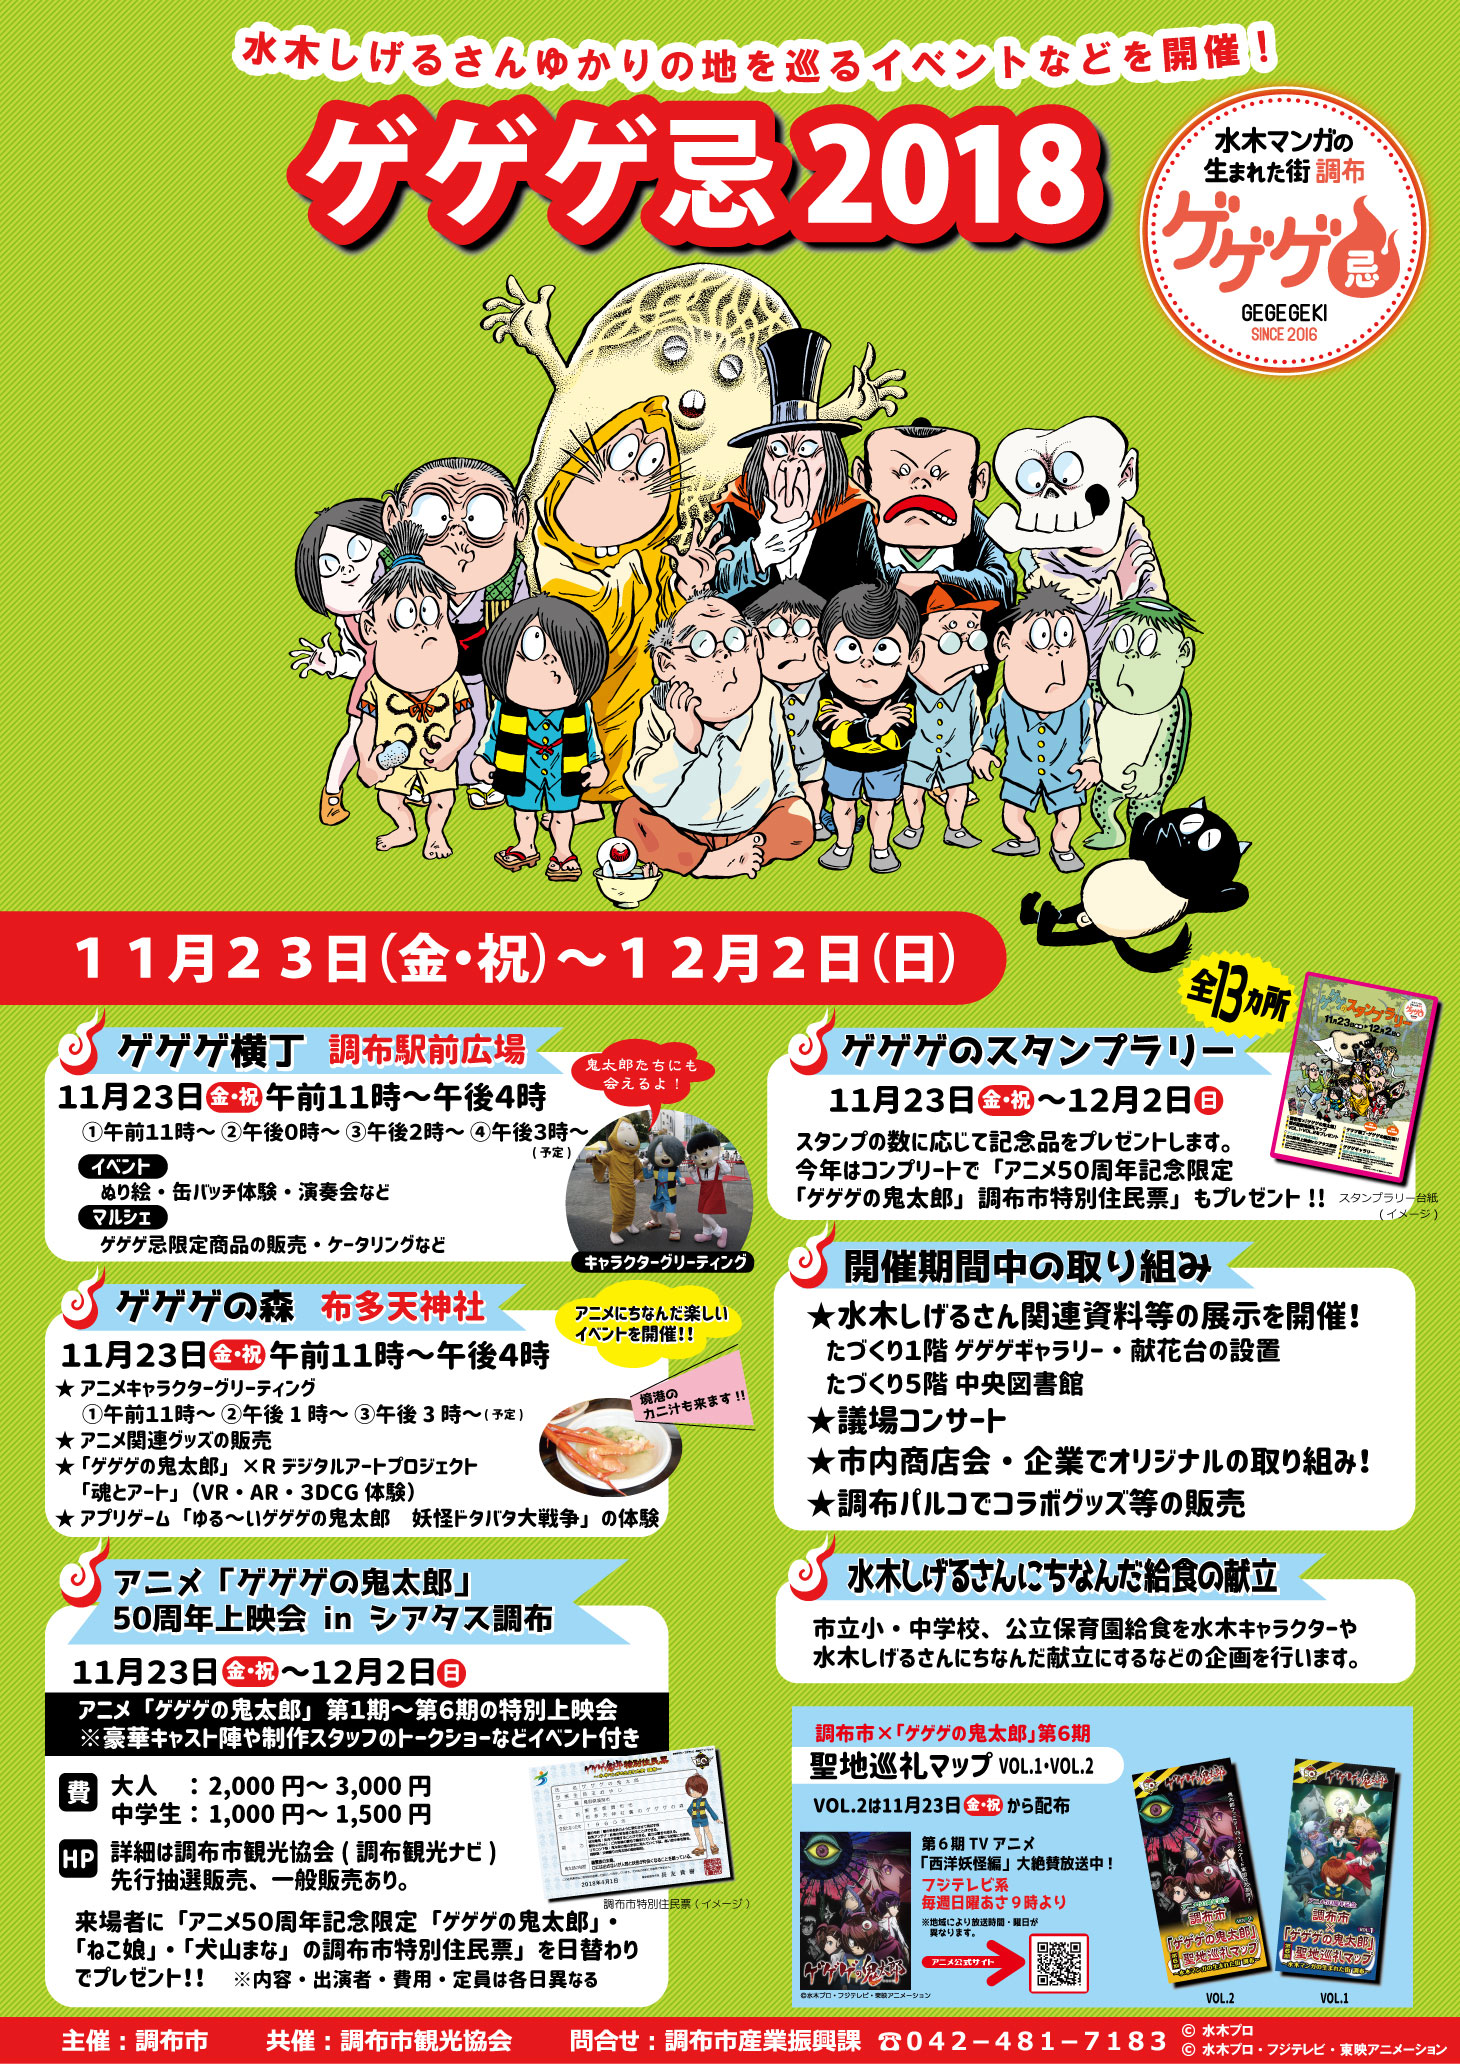 「ゲゲゲの鬼太郎」デザインの住民票をゲット! 東京都調布市を巡るスタンプラリー